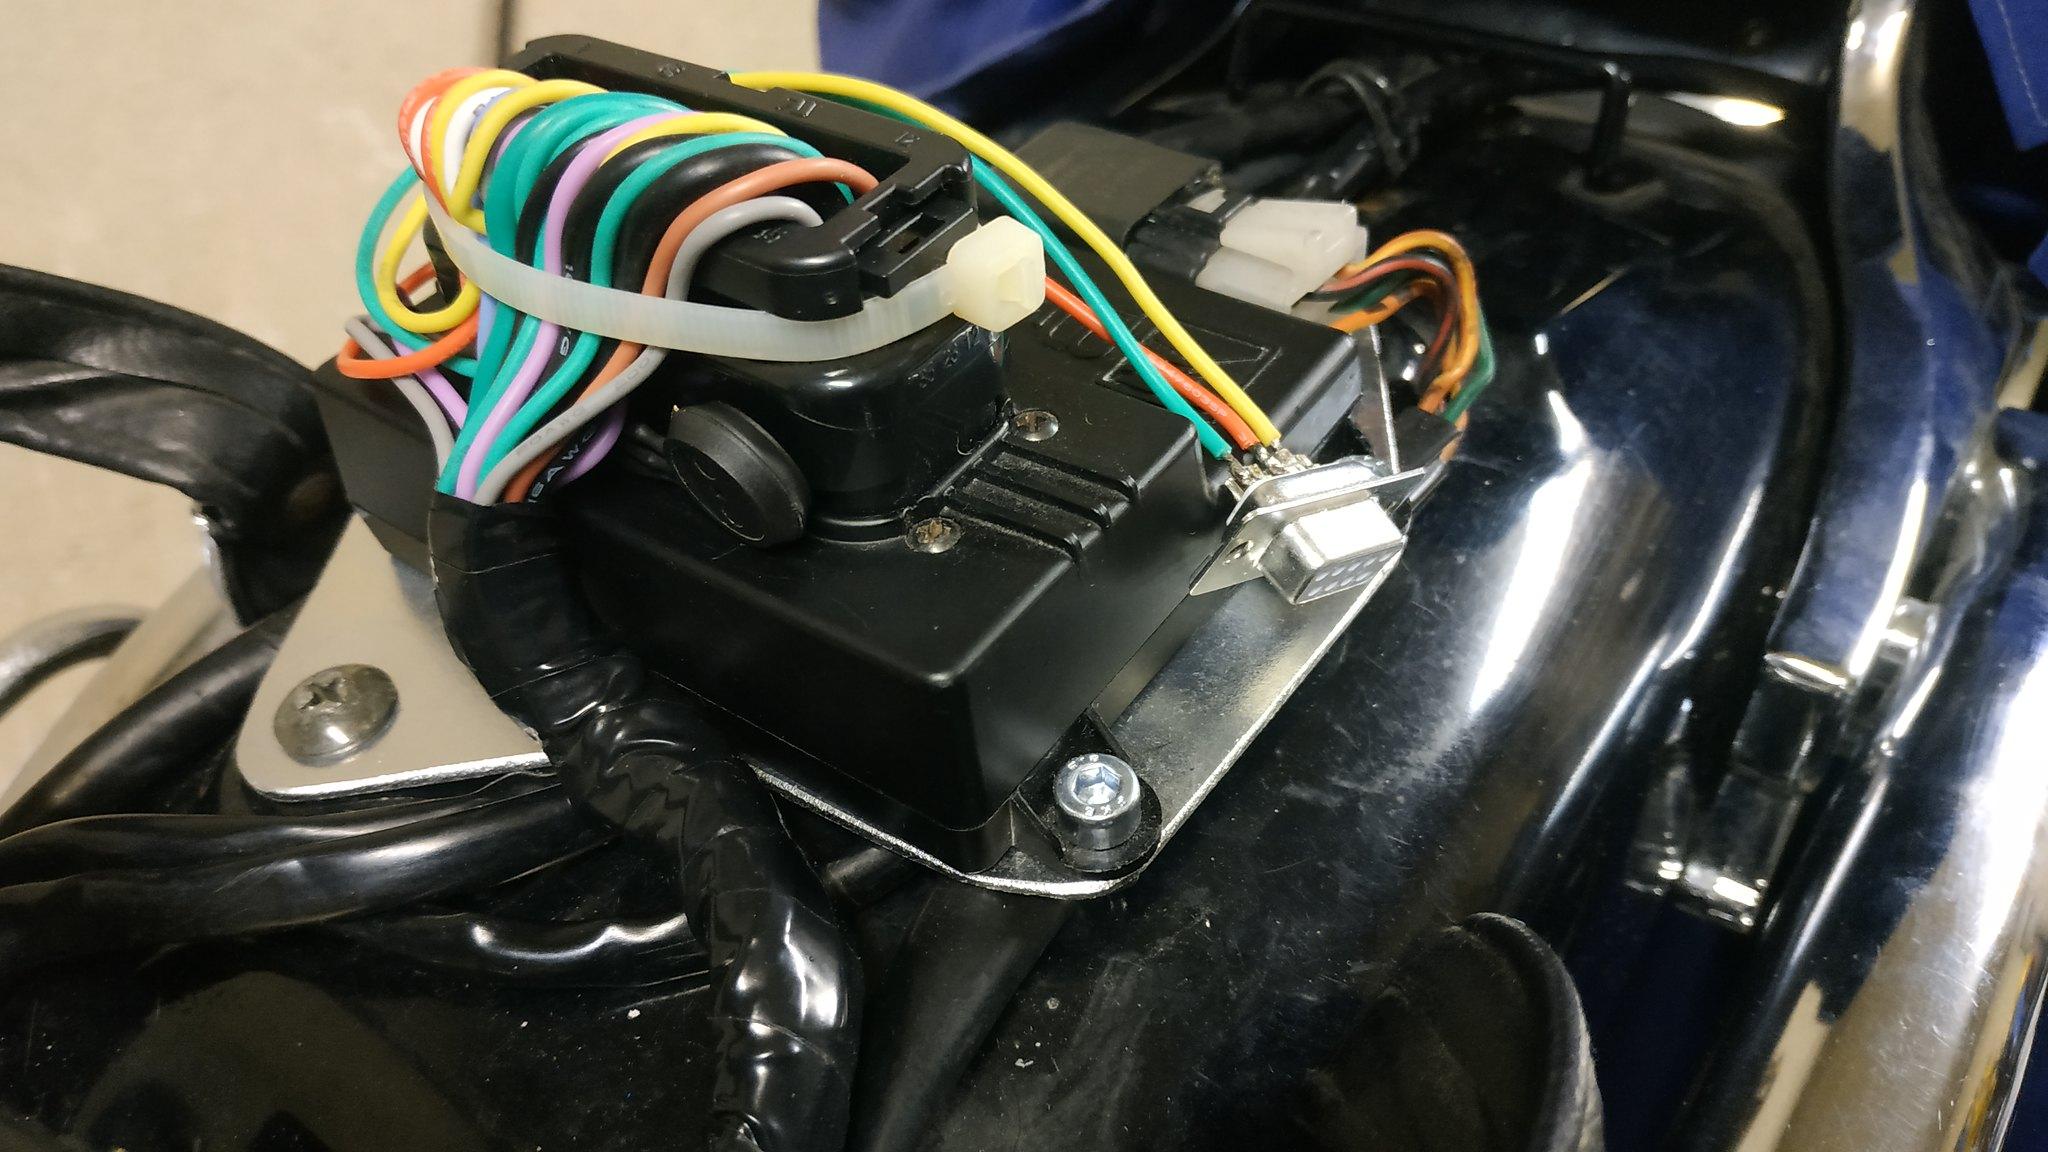 EFI conversion on VS800 49529248336_08b7c84542_k